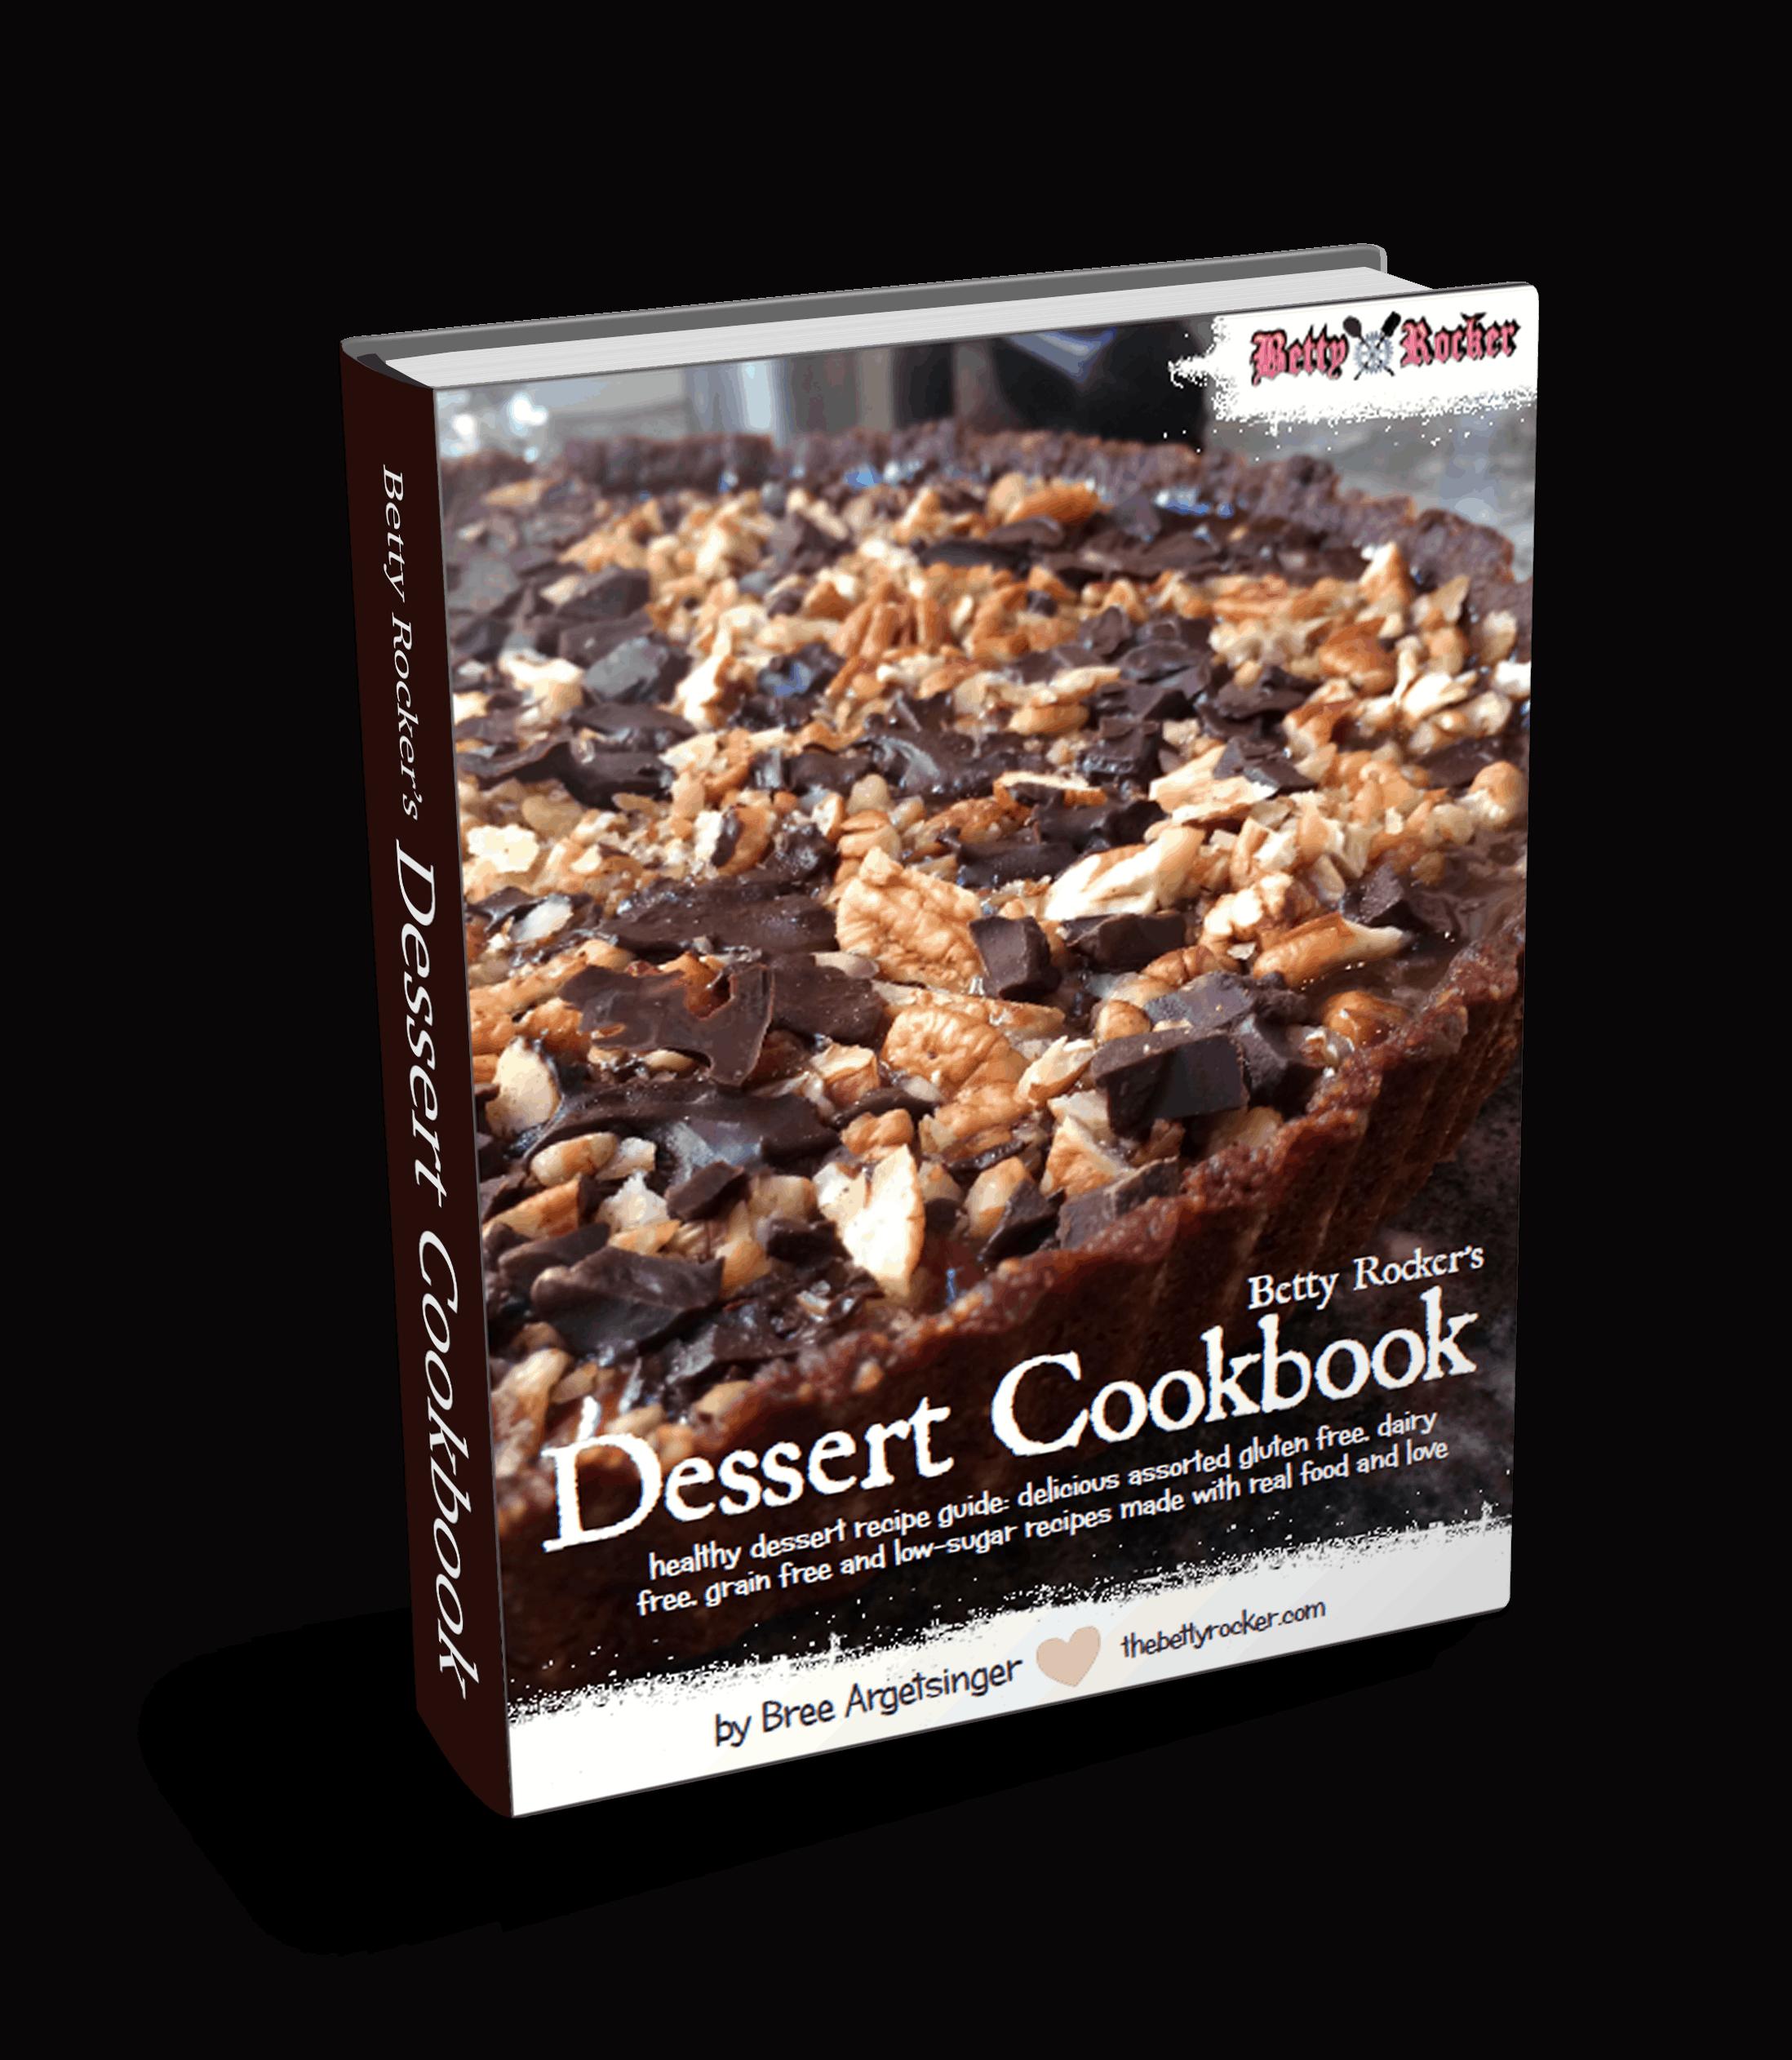 DesertCookbookTR